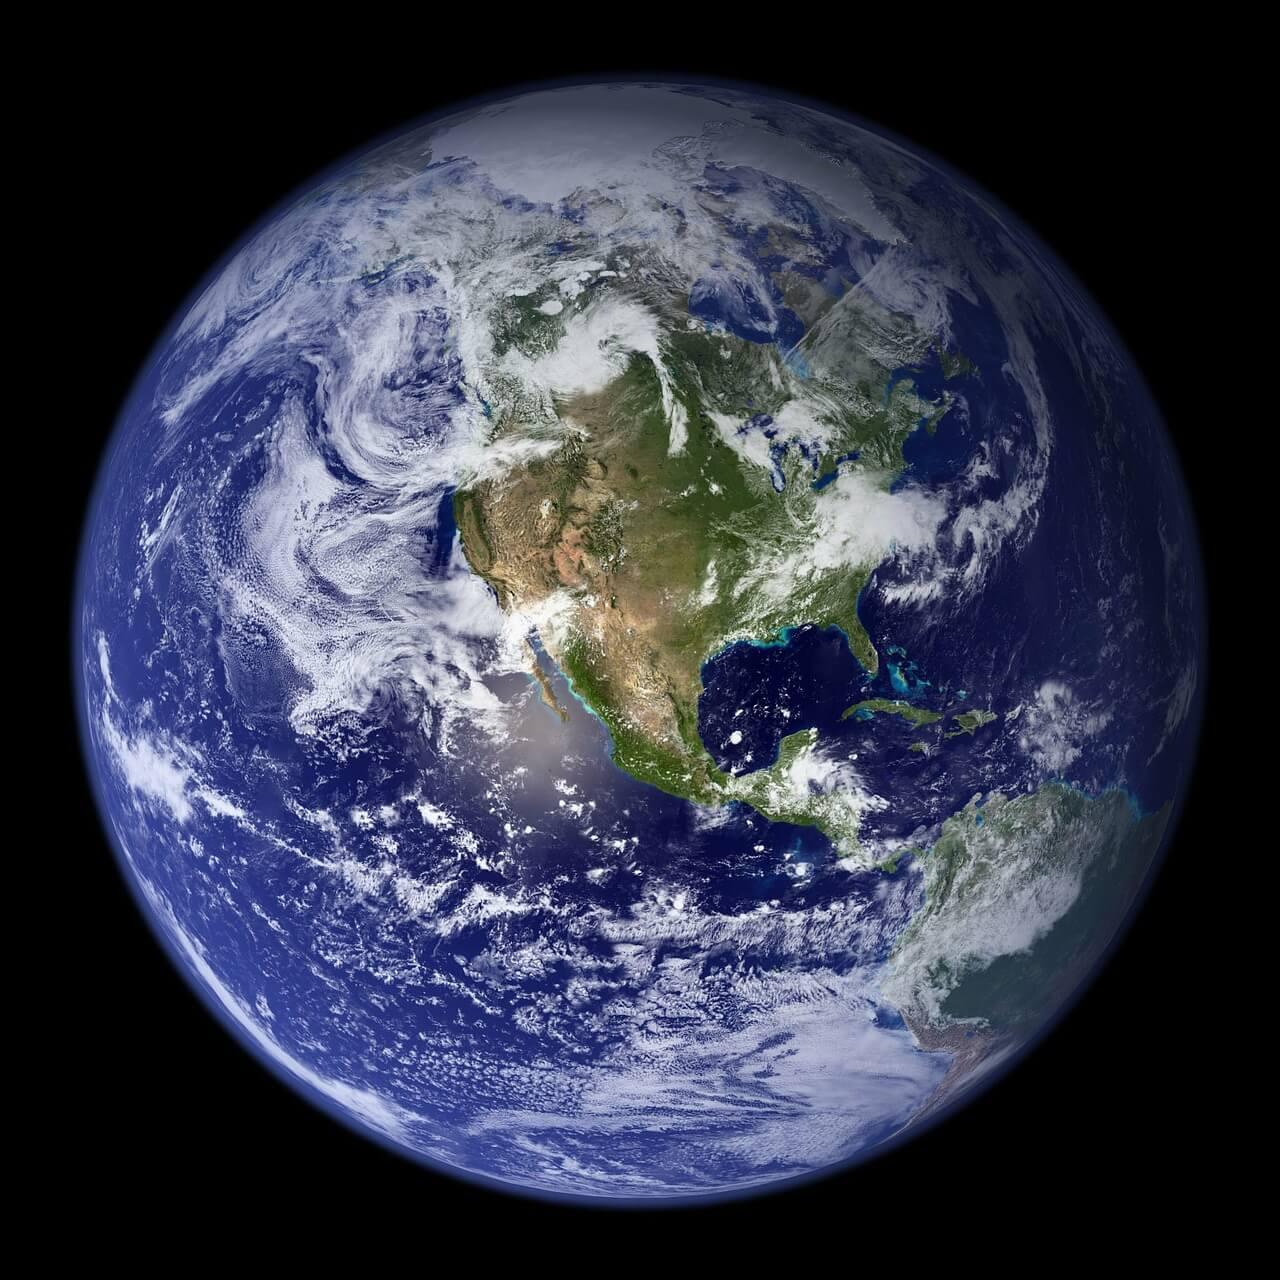 de-aarde-milieu-natuur